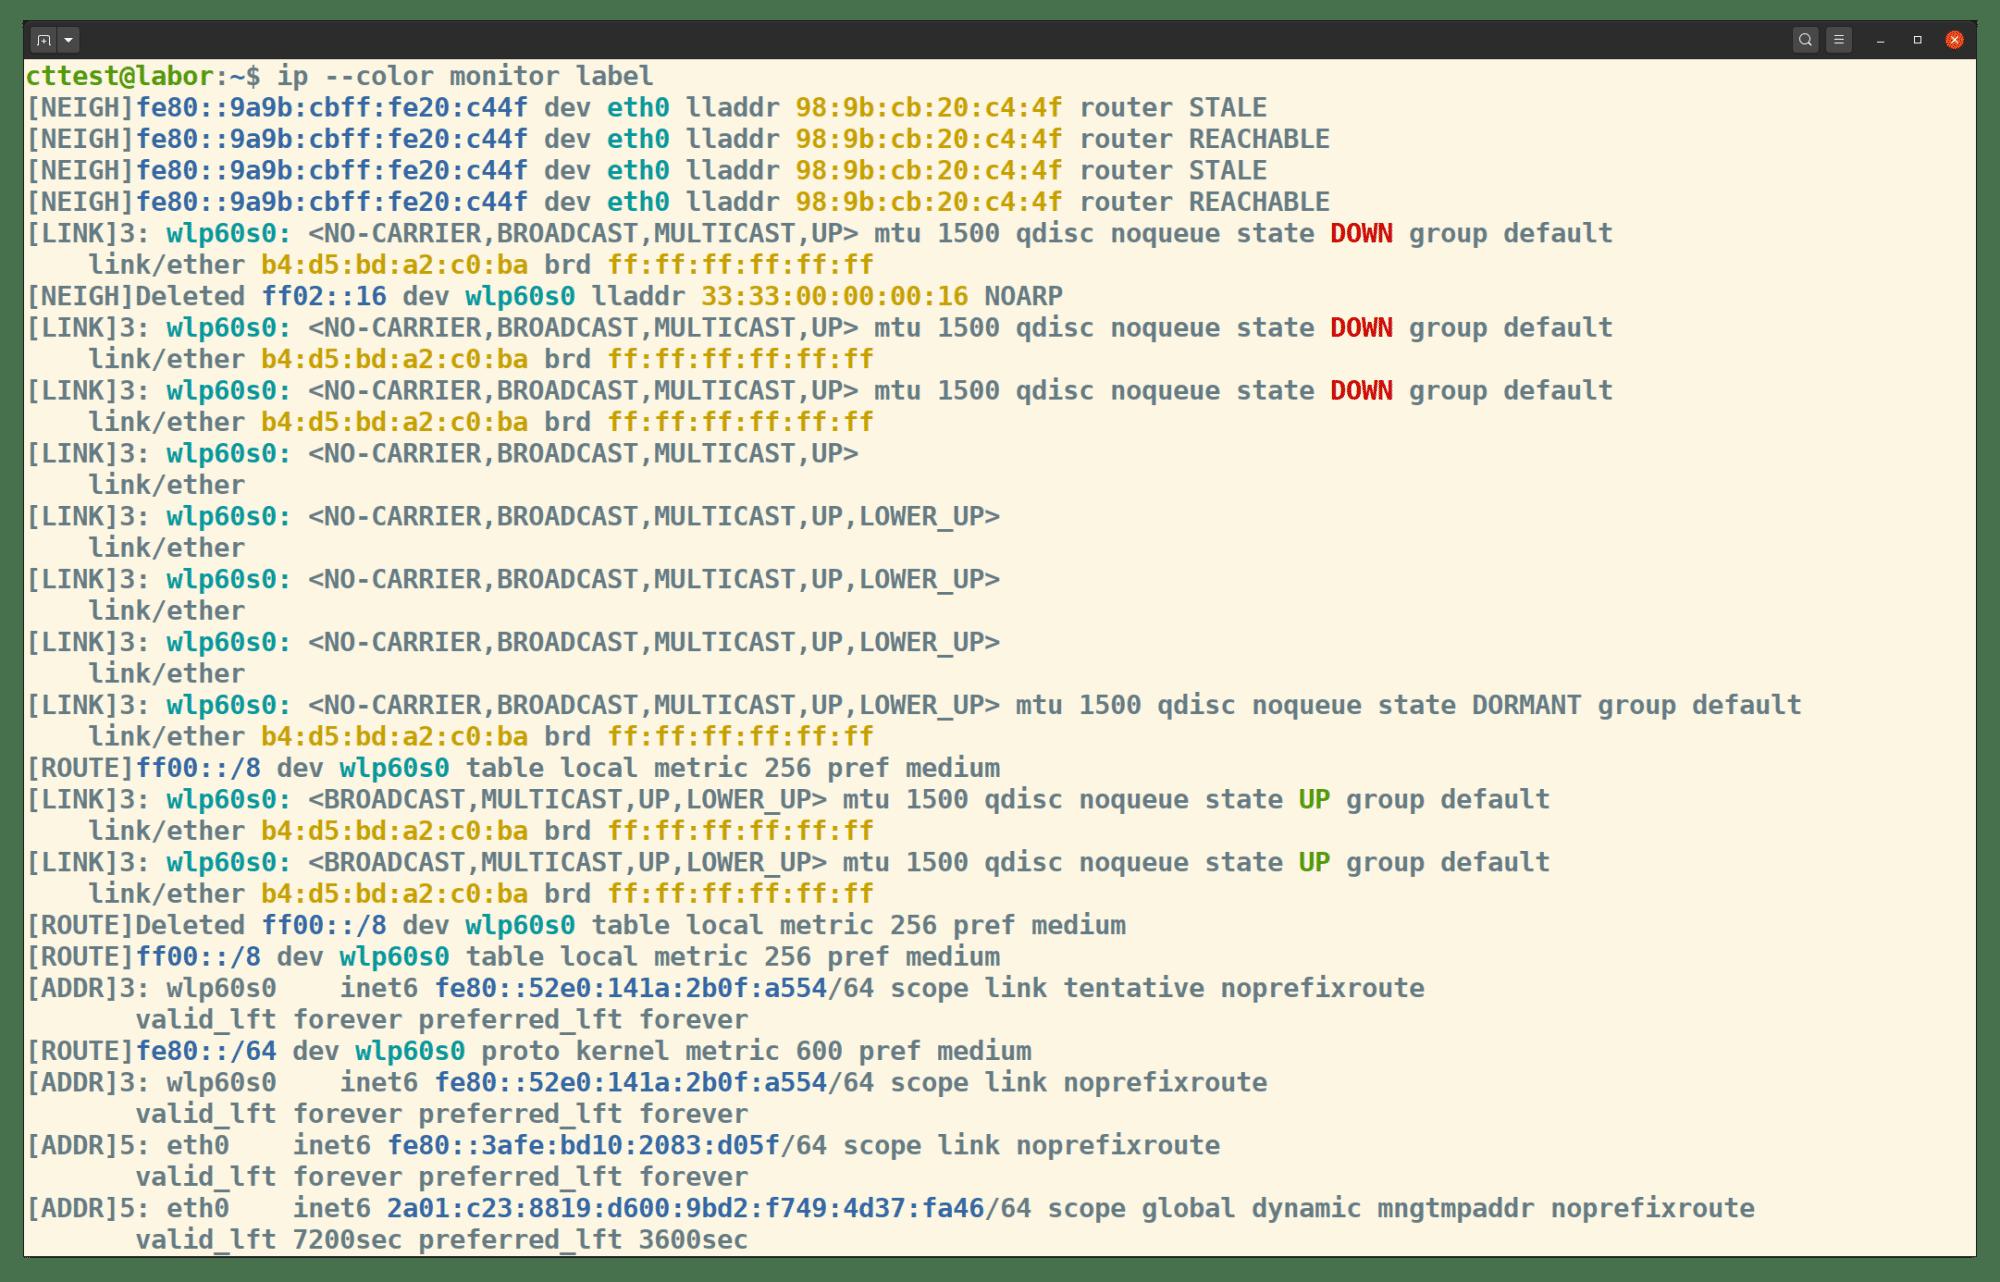 Mit dem Subkommando monitor zeigt ip laufende Änderungen der Netzwerkkonfiguration an.